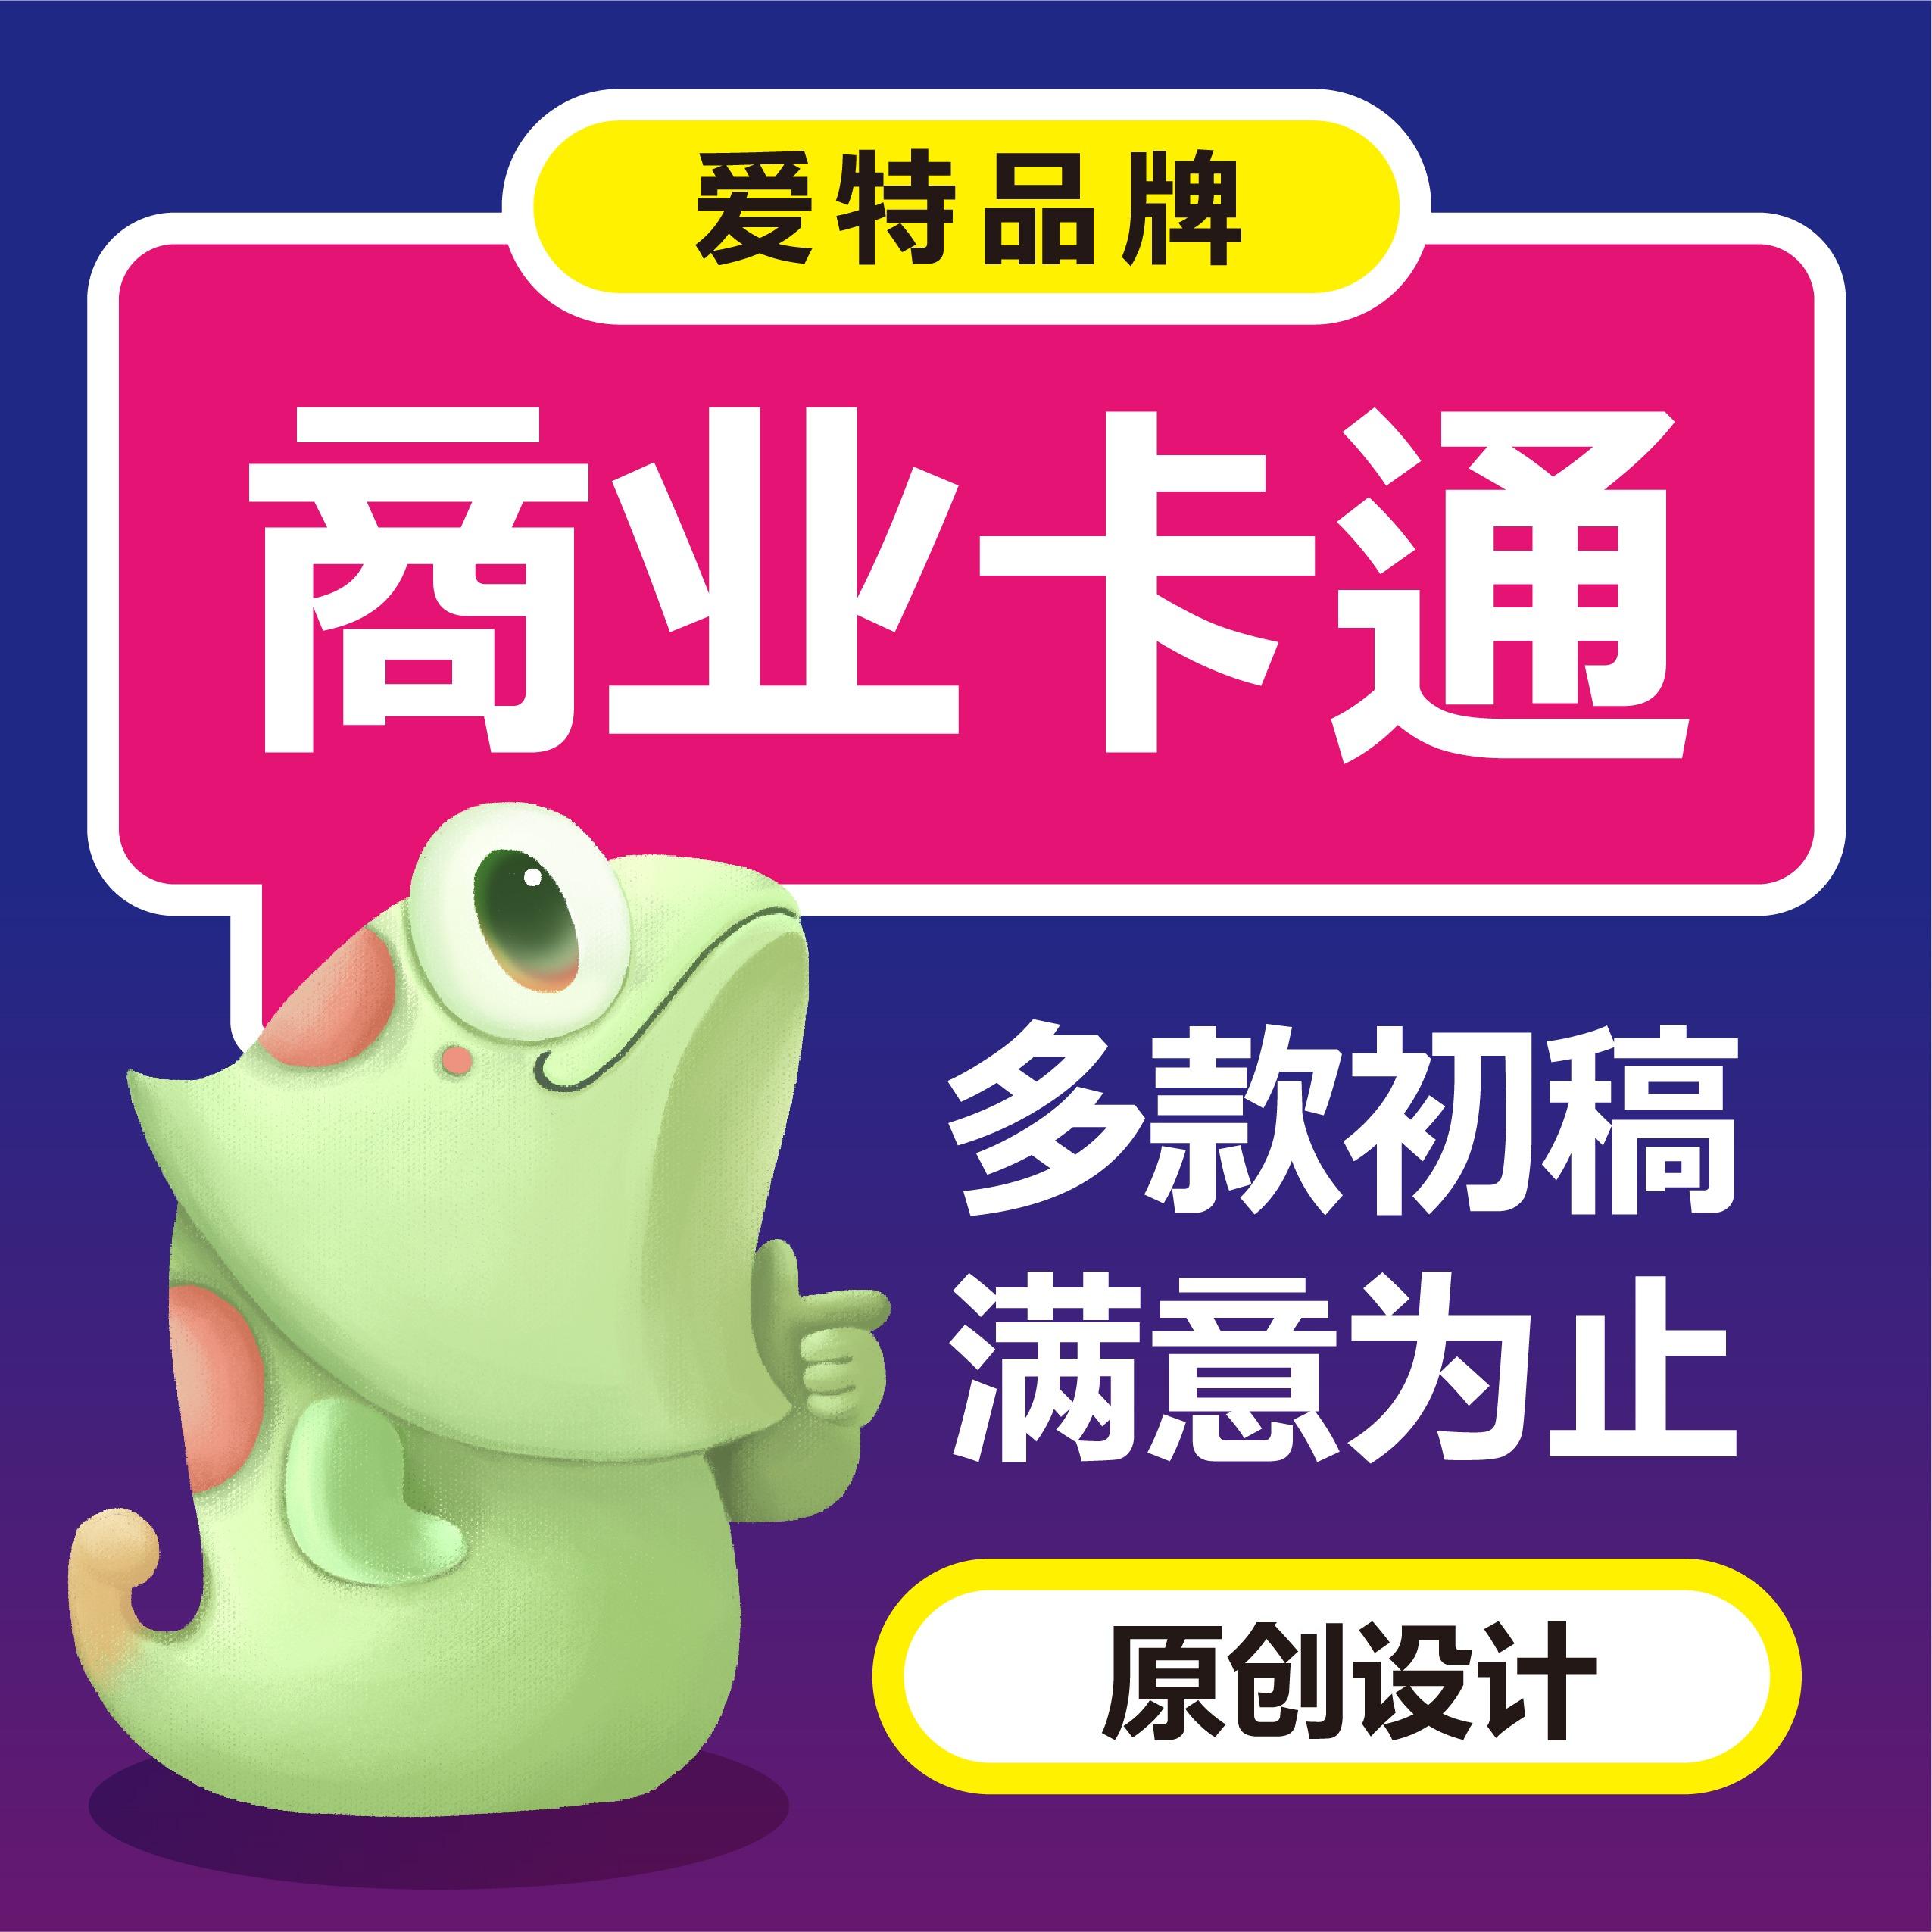 卡通 LOGO吉祥物设计企业产品 卡通形象 QQ表情微信表情设计